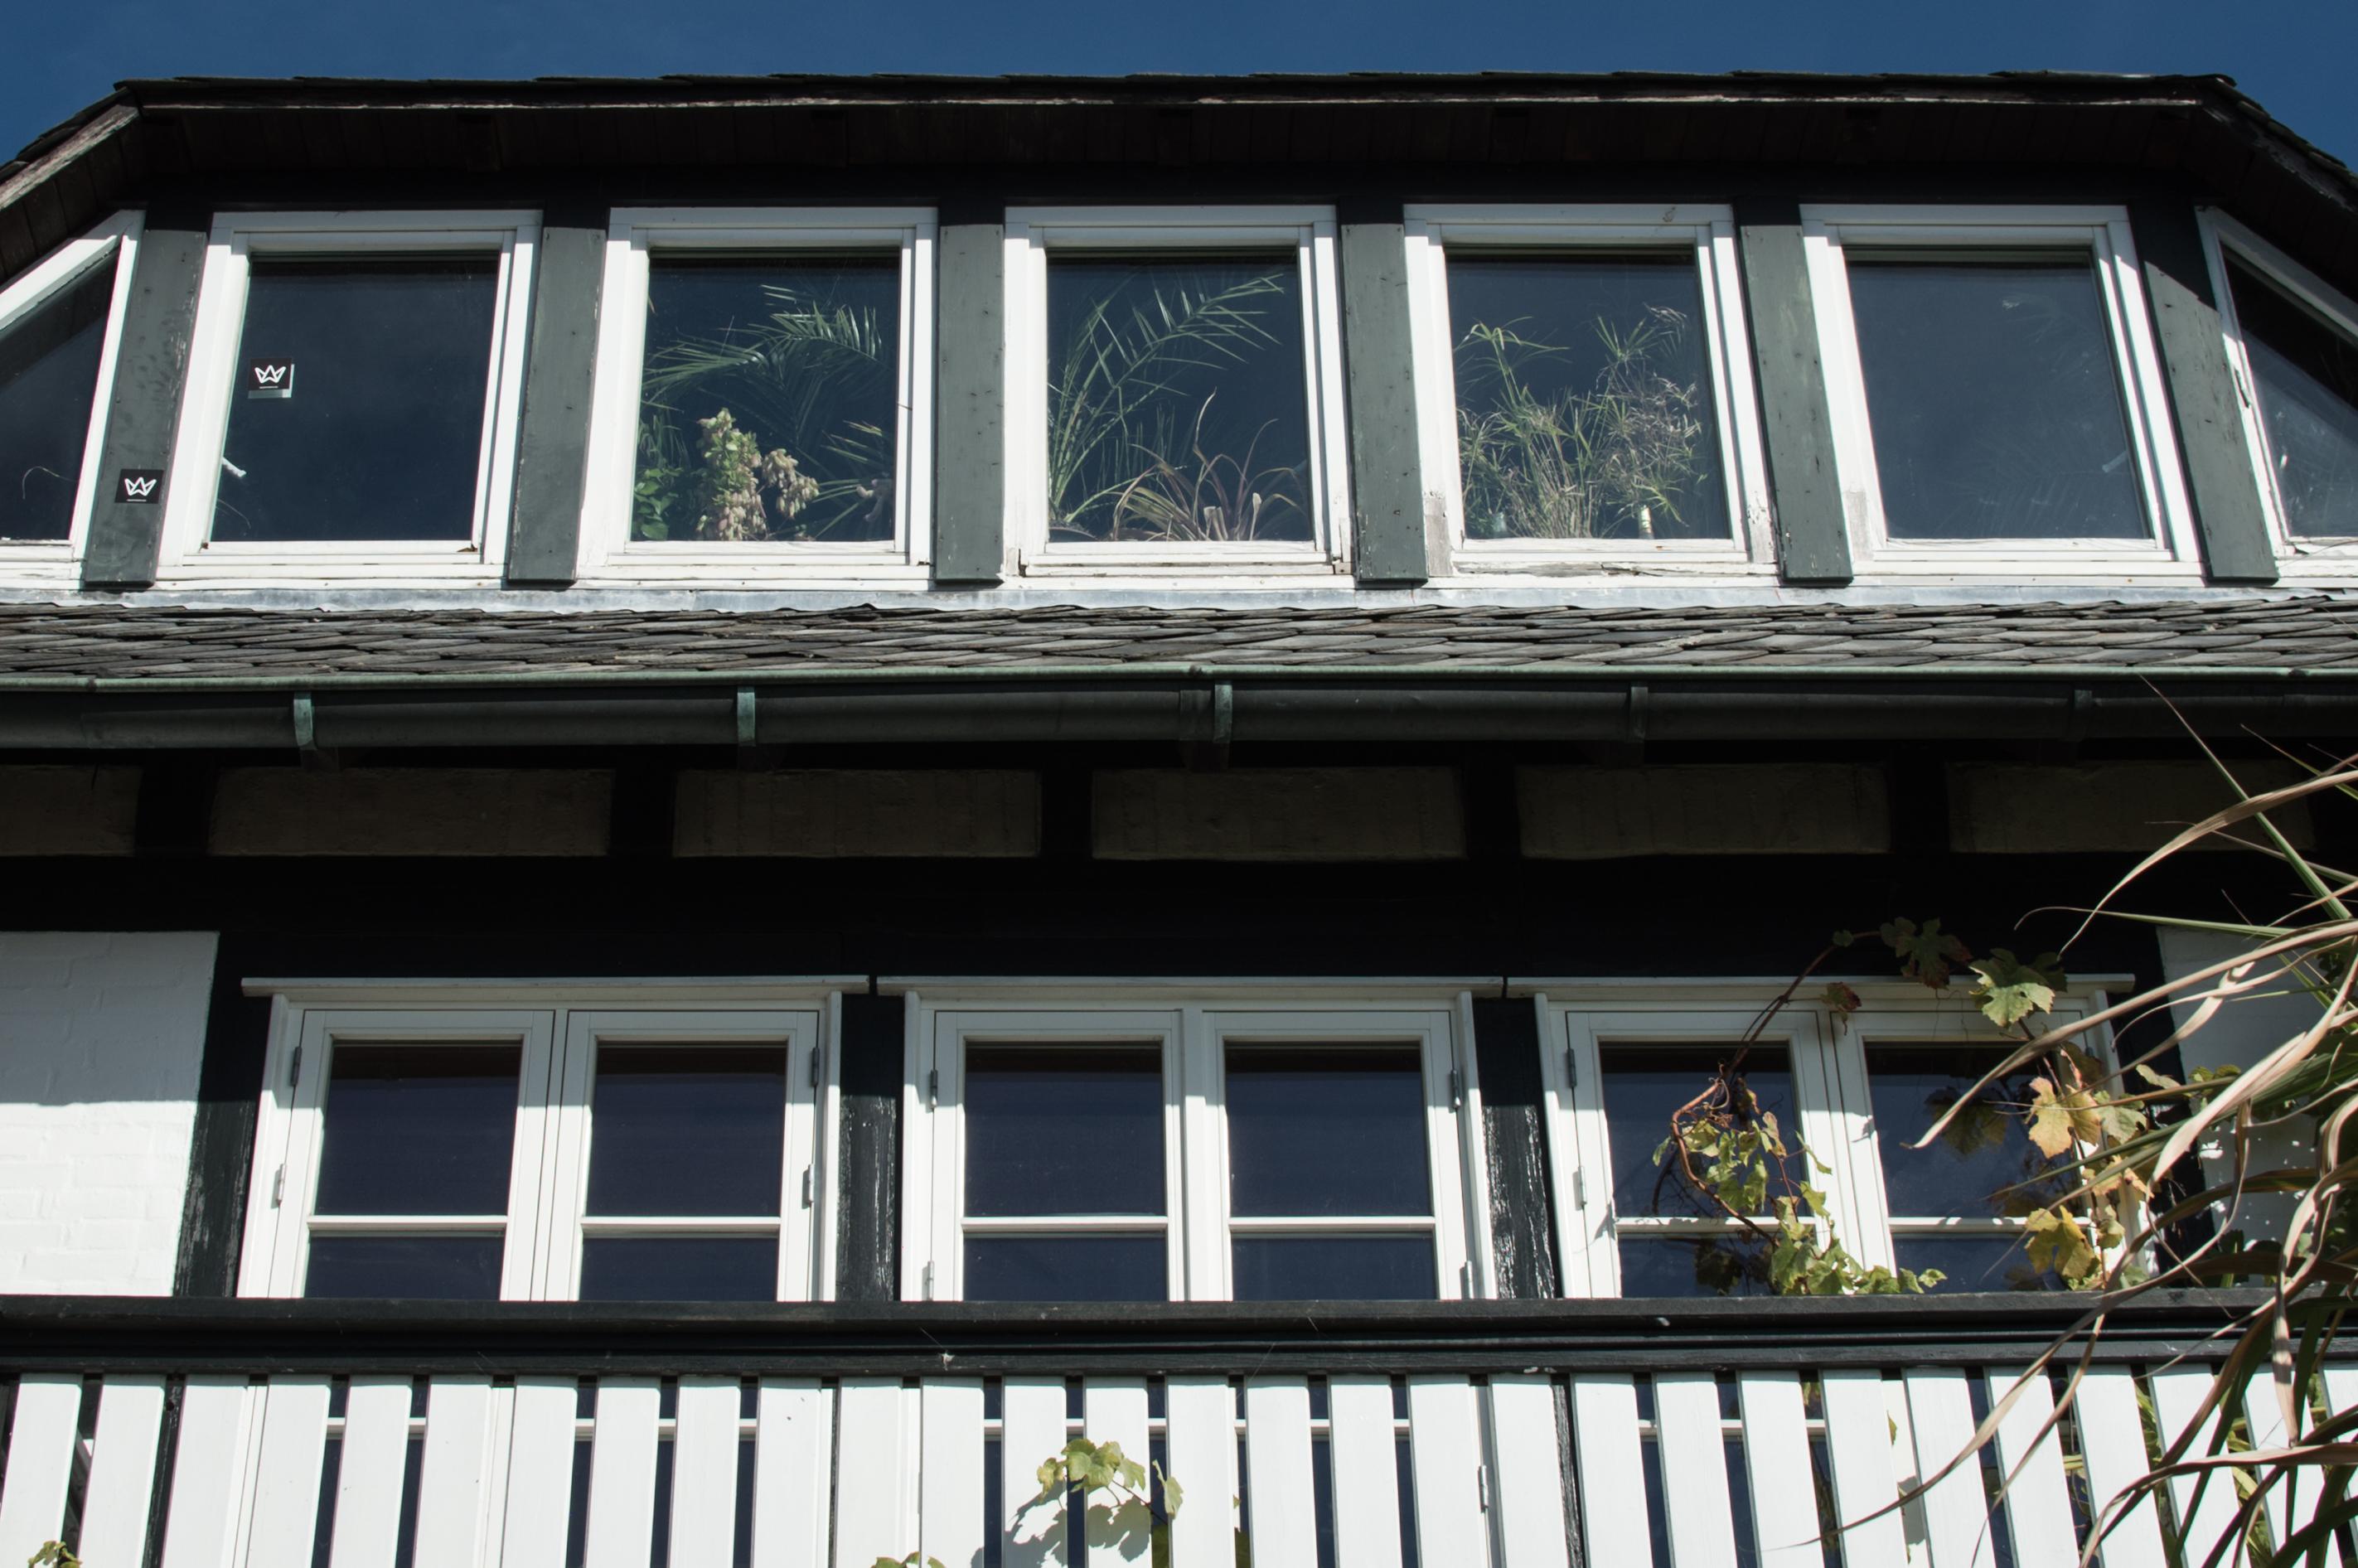 Haus mit Pflanzen